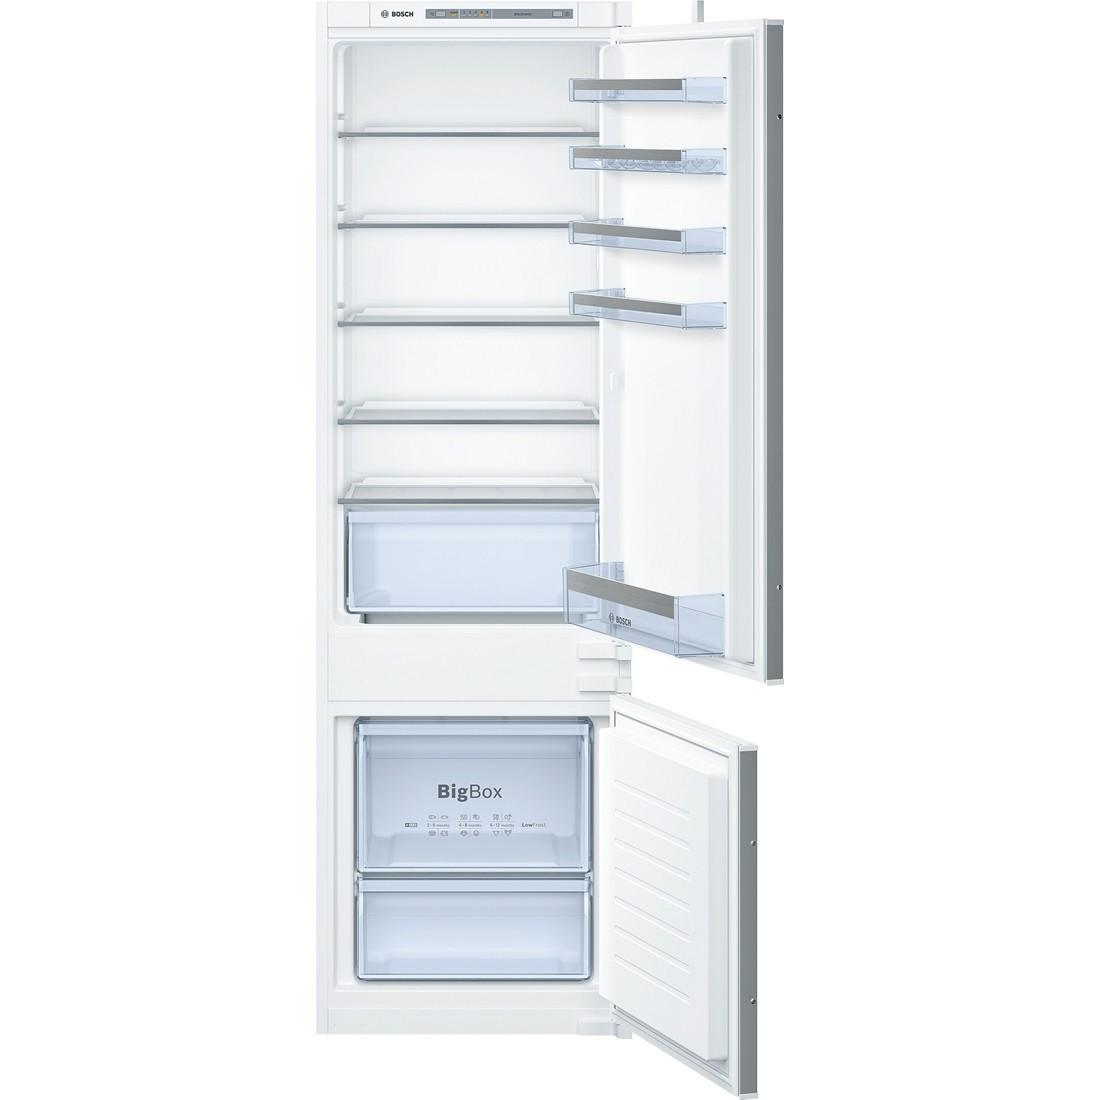 Bosch Serie 4 KIV87VS30G Built-in Fridge Freezer